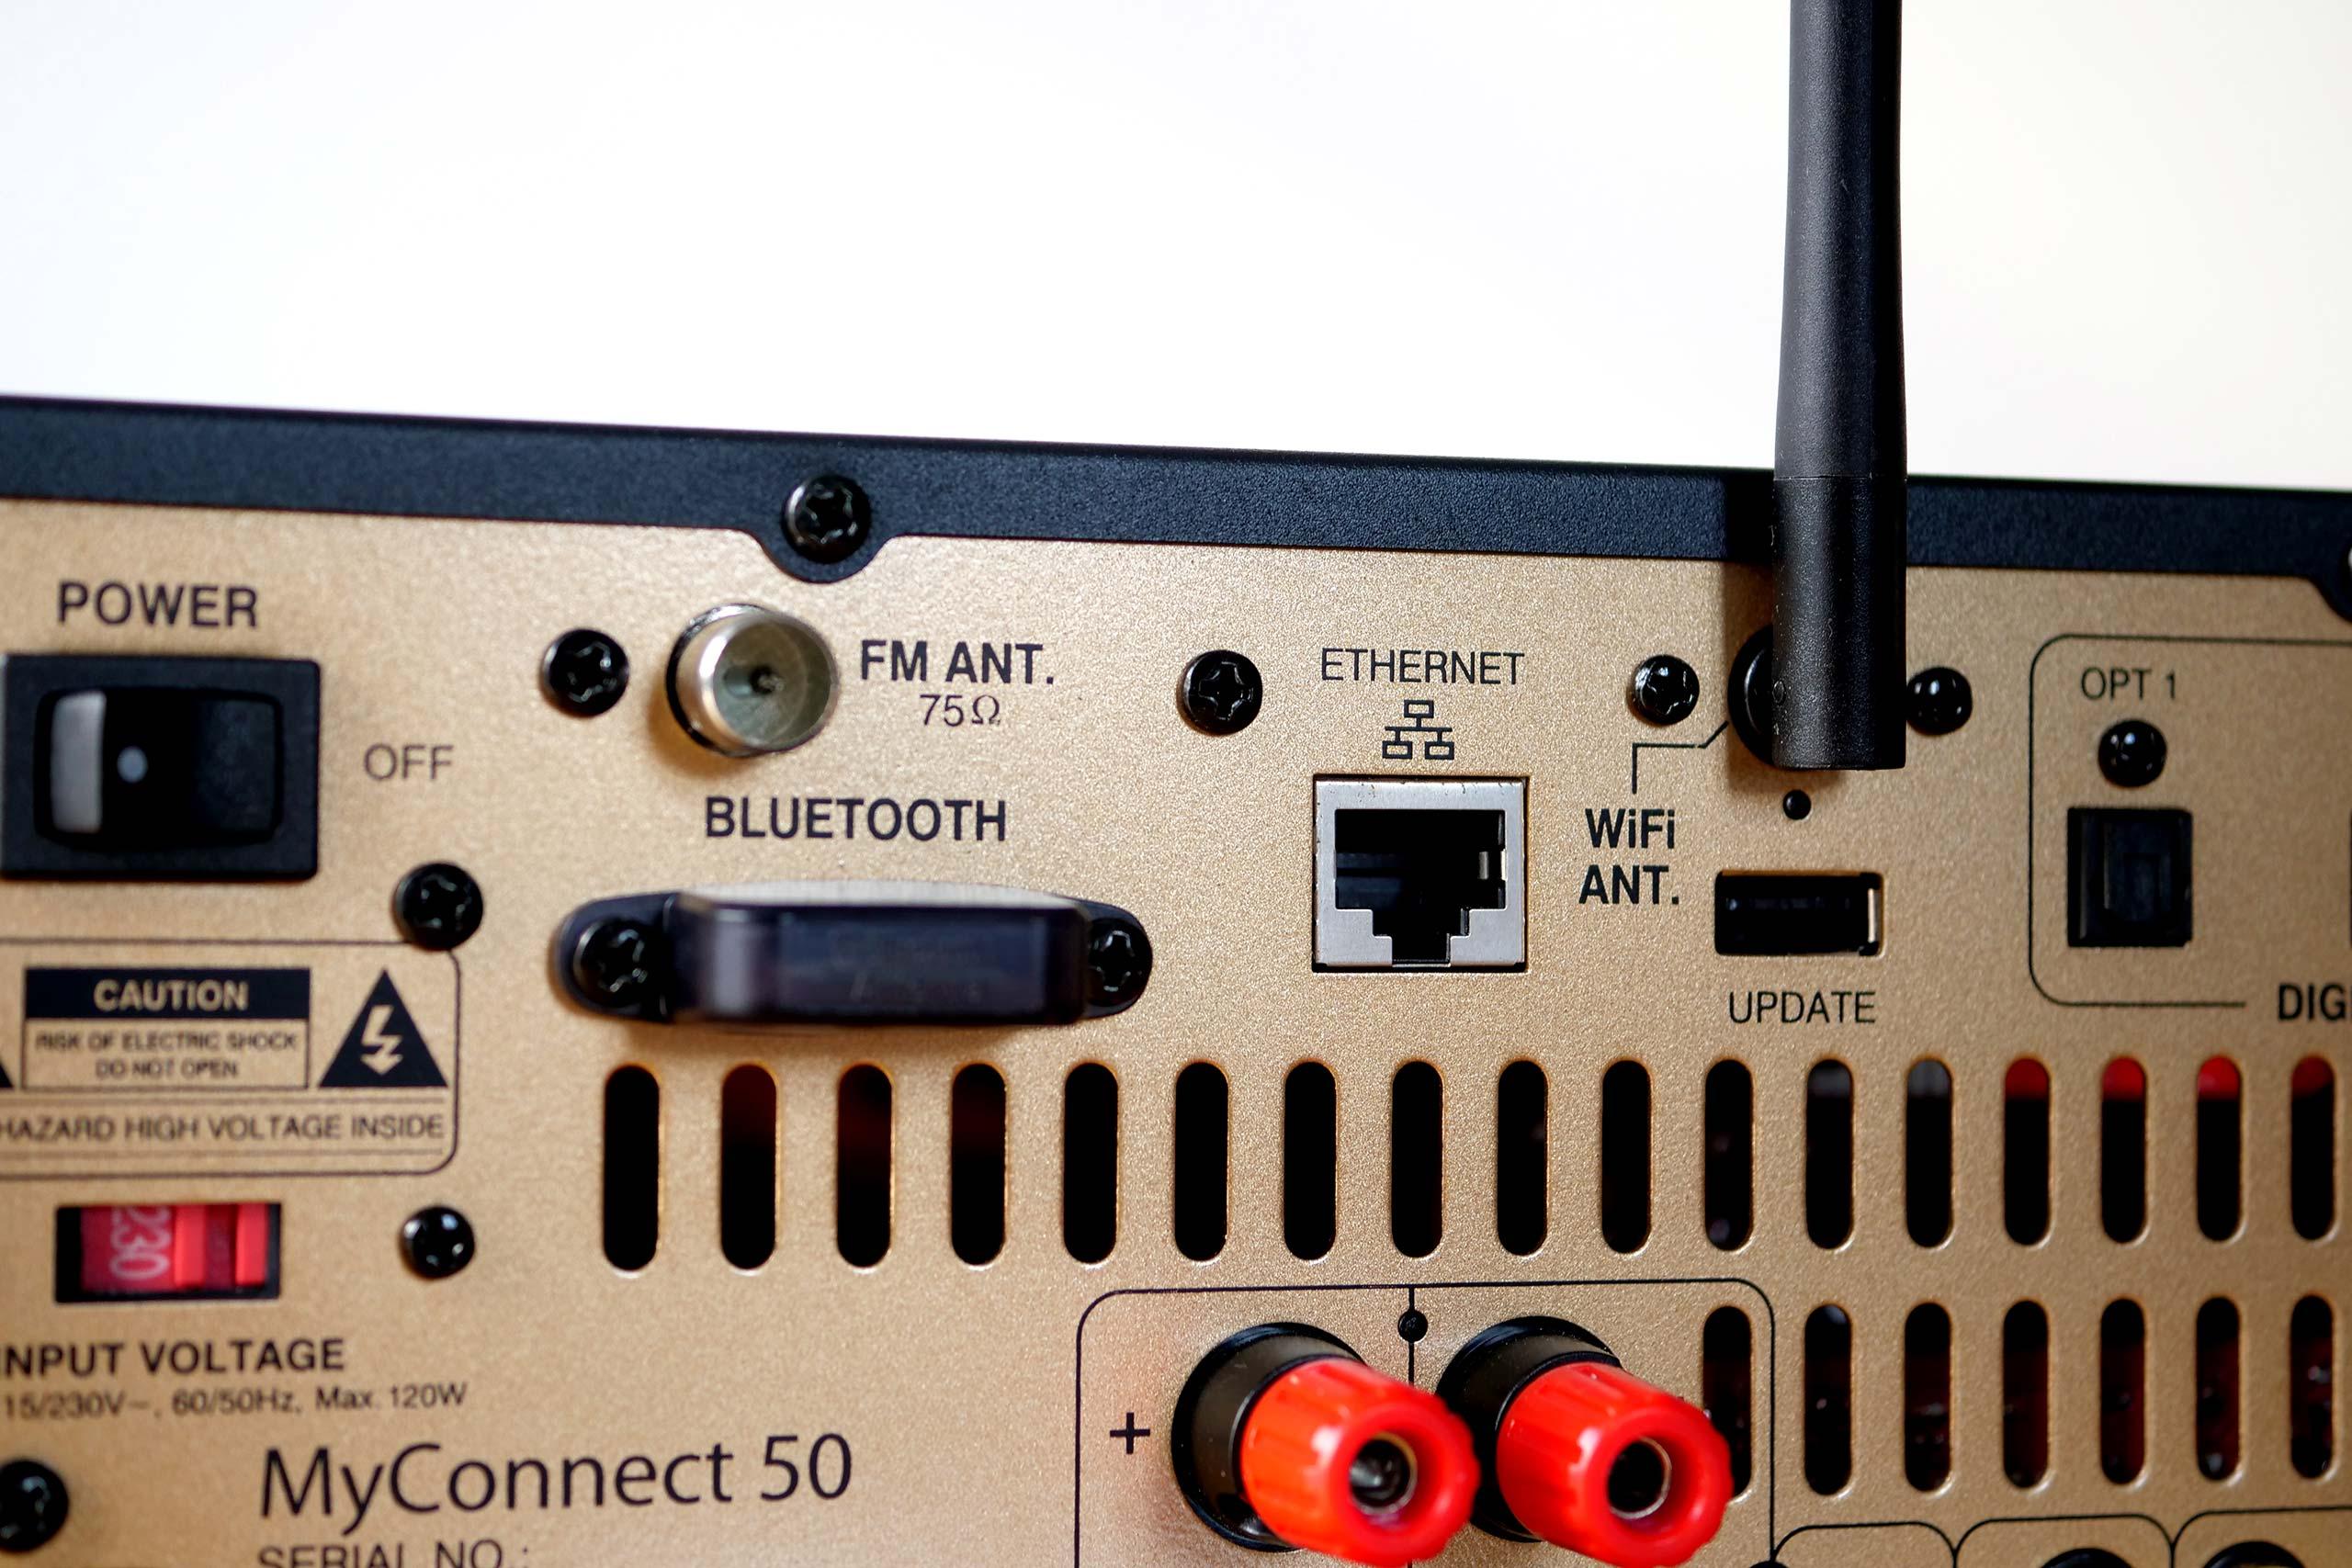 L'antenne verticale sert uniquement au WiFi. Le Bluetooth utilise sa propre antenne protégée par un cache en plastique.